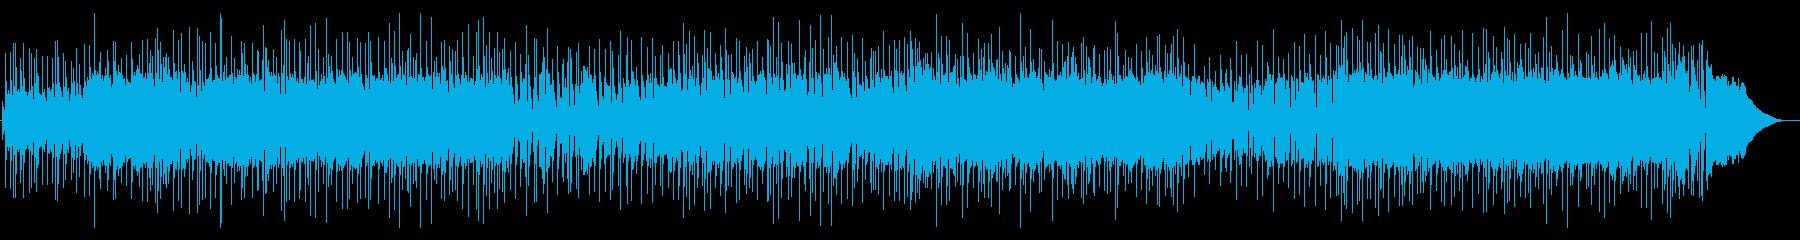 60'S オールドロックバンドサウンドBの再生済みの波形